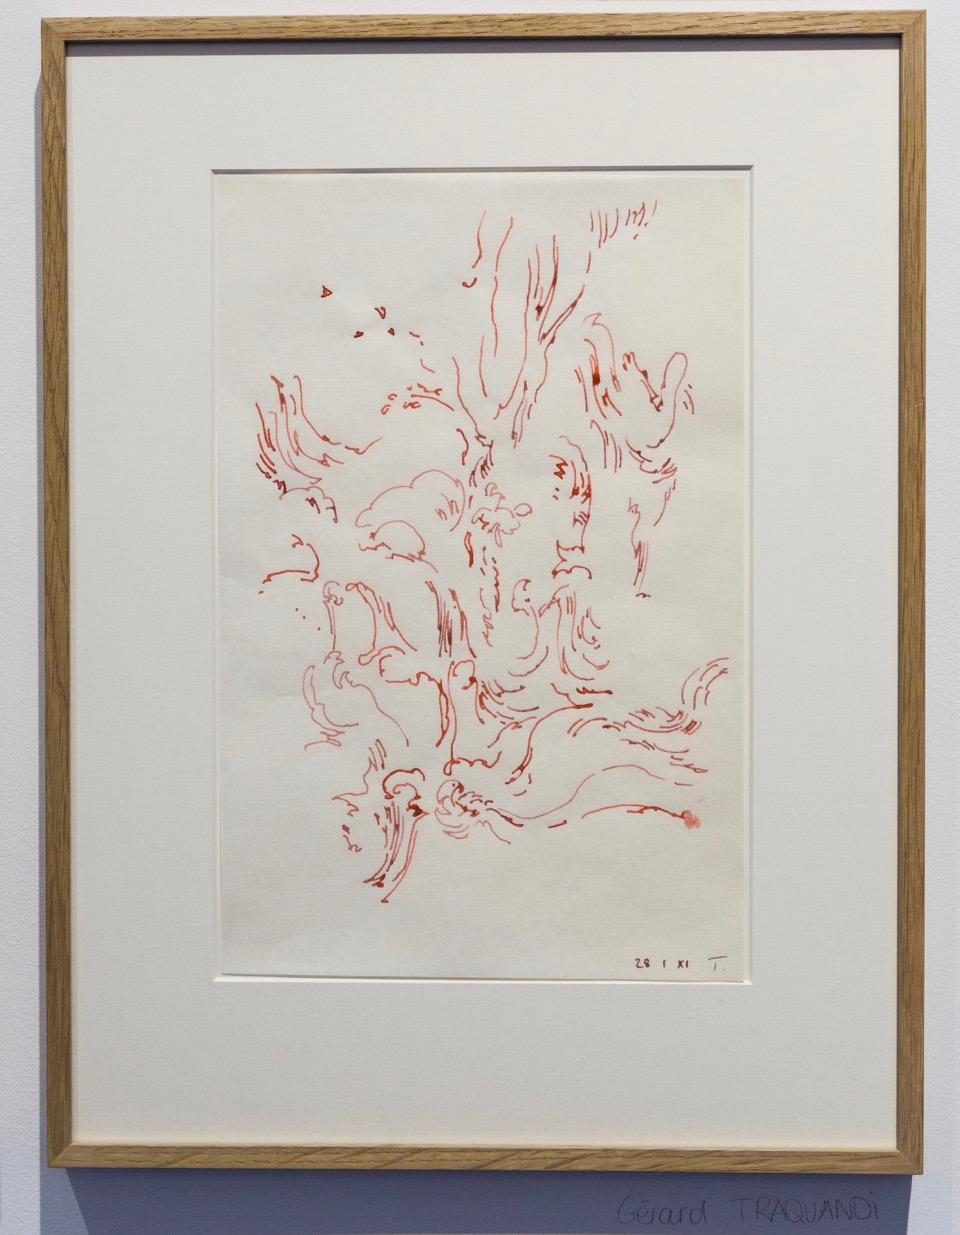 Gérard Traquandi,  Sans-titre , 2014. Encre sur papier japon, 34,5 cm x 22,5 cm